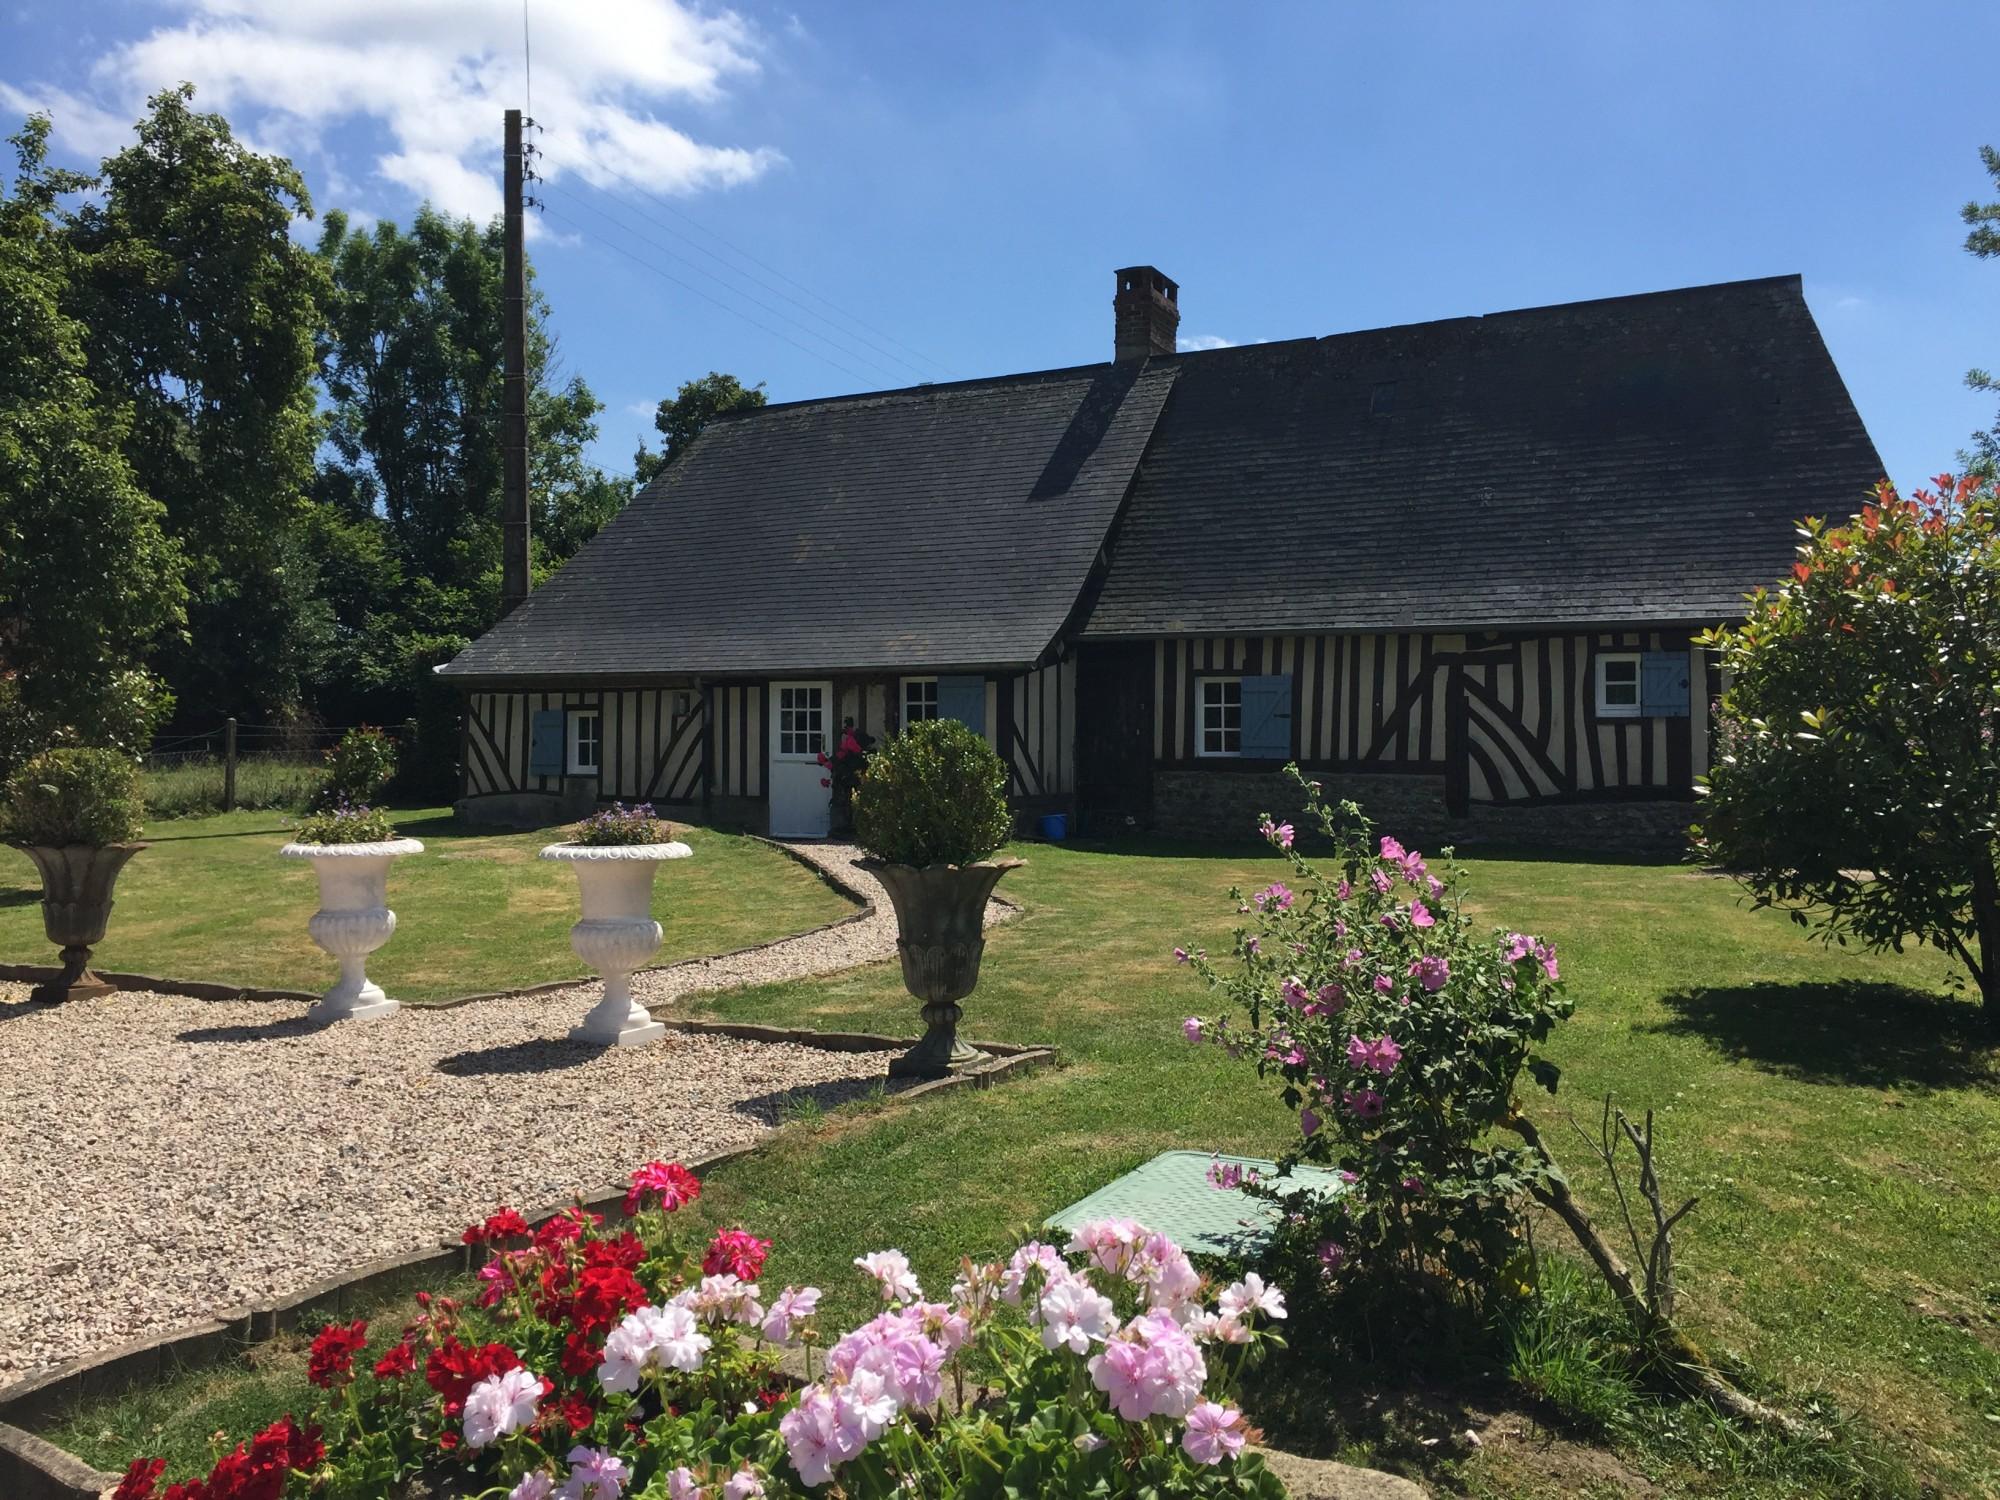 Maison de charme en vente près de Deauville